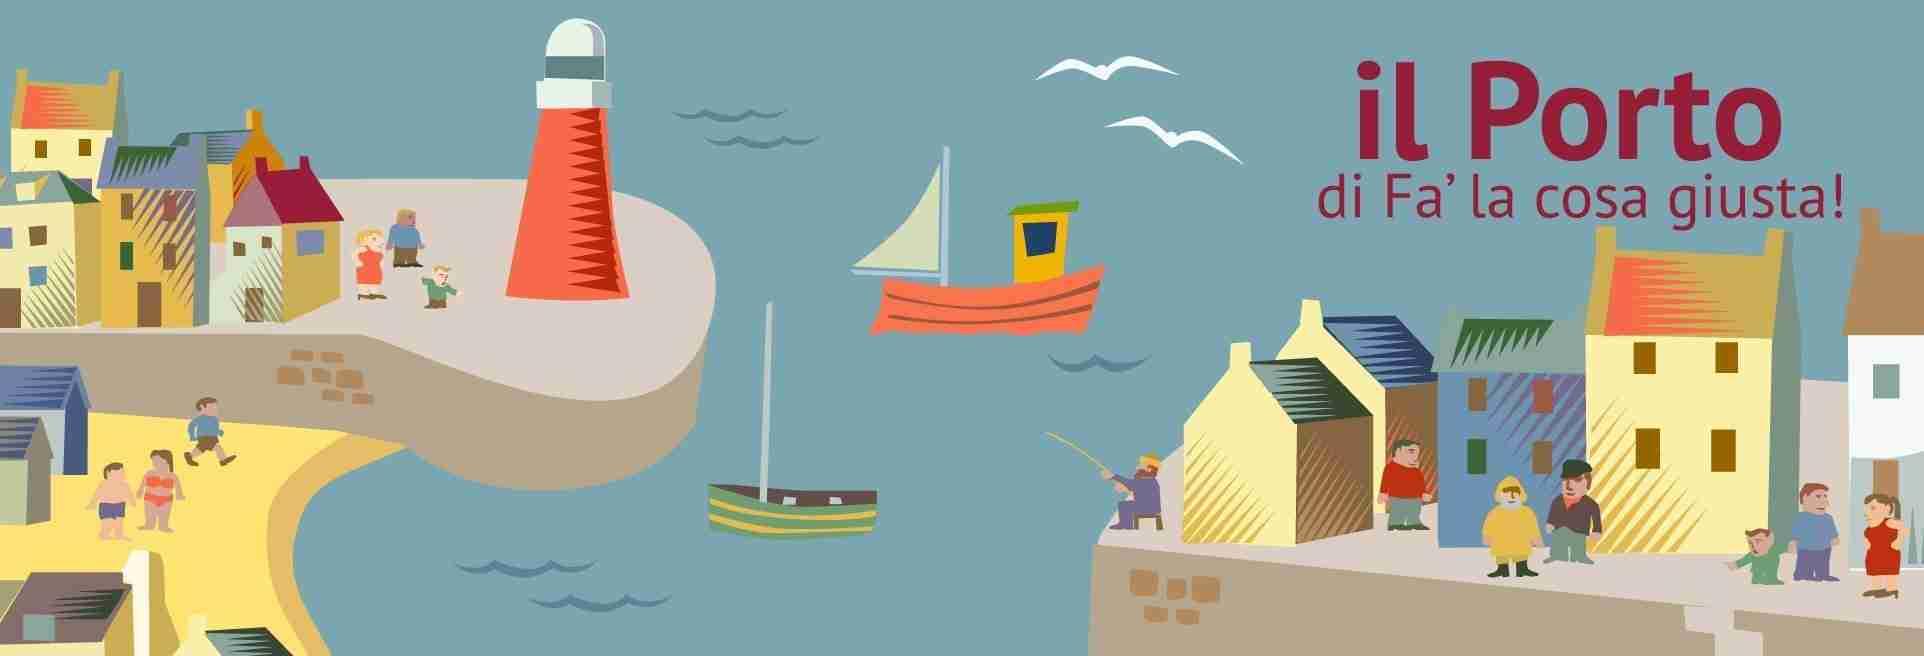 I volti e i prodotti del mare arrivano in fiera, con il Porto di Fa' la cosa giusta!